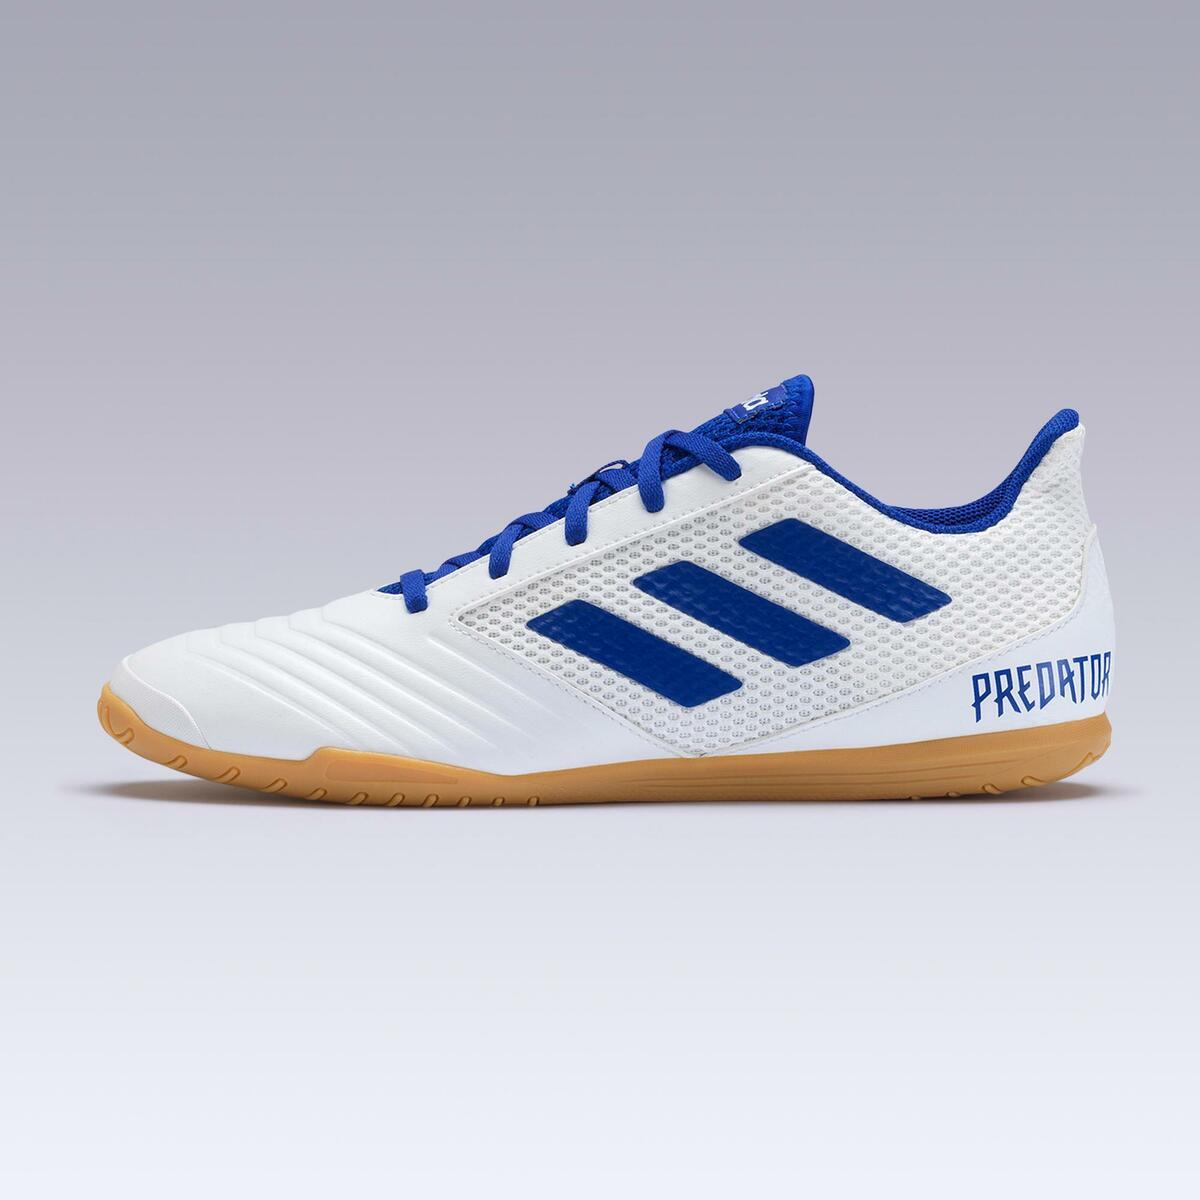 Bild 2 von Hallenschuhe Futsal Fußball Predator Tango 4 FS19 Erwachsene weiß/blau